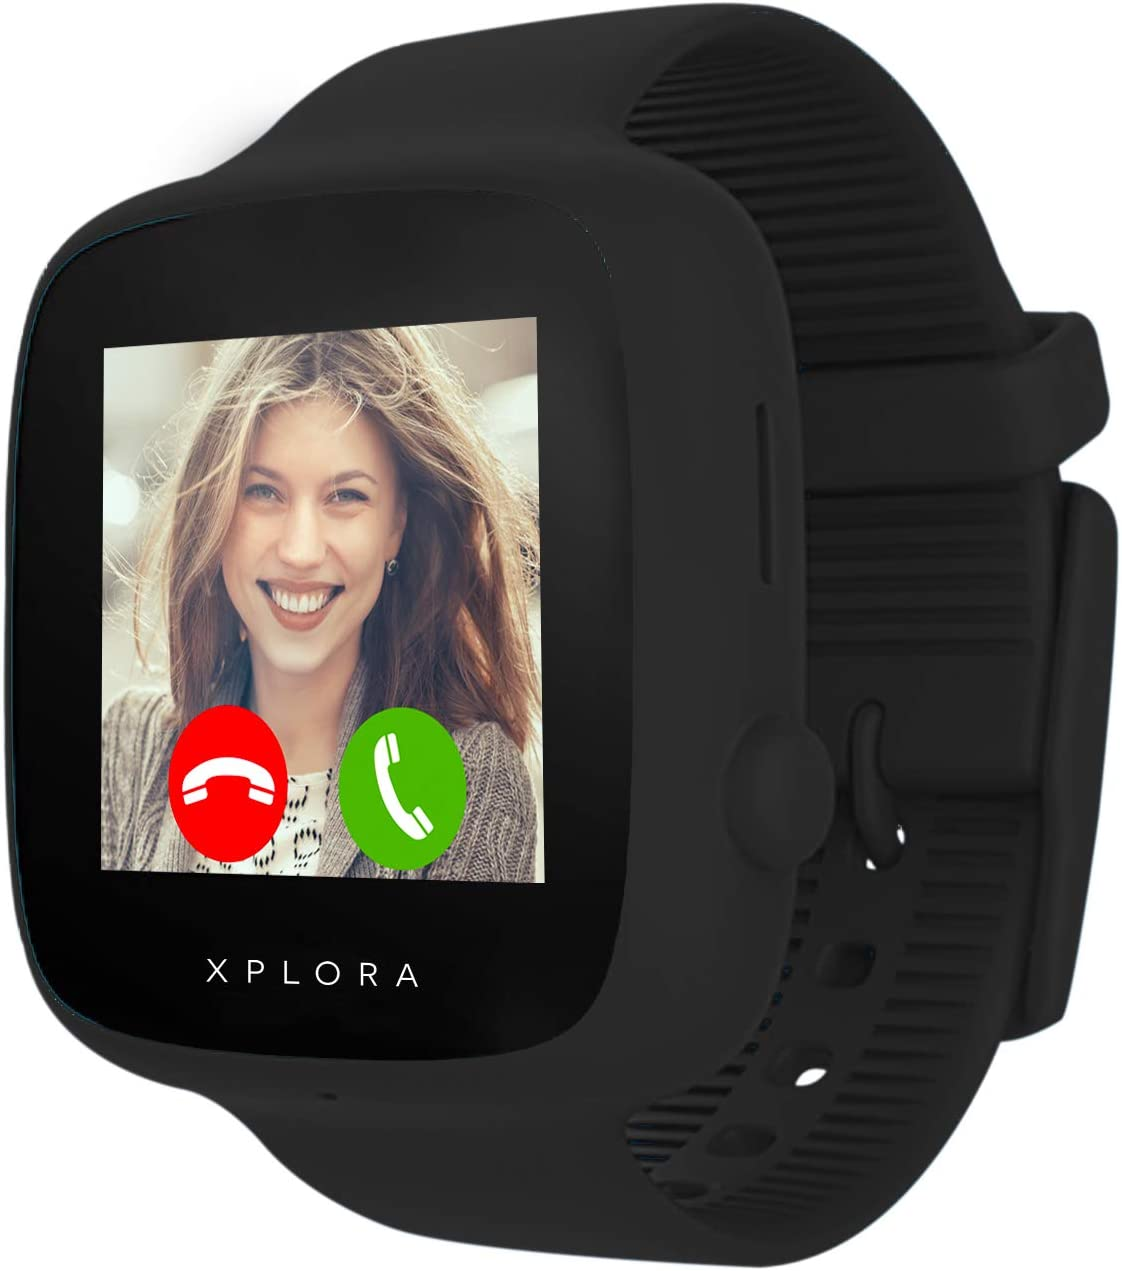 XPLORA GO - Teléfono reloj para niños (SIM no incluida) - Llamadas, mensajes, modo colegio, botón SOS, localizador GPS, cámara y podómetro - Incluye 2 años de garantía (NEGRO)